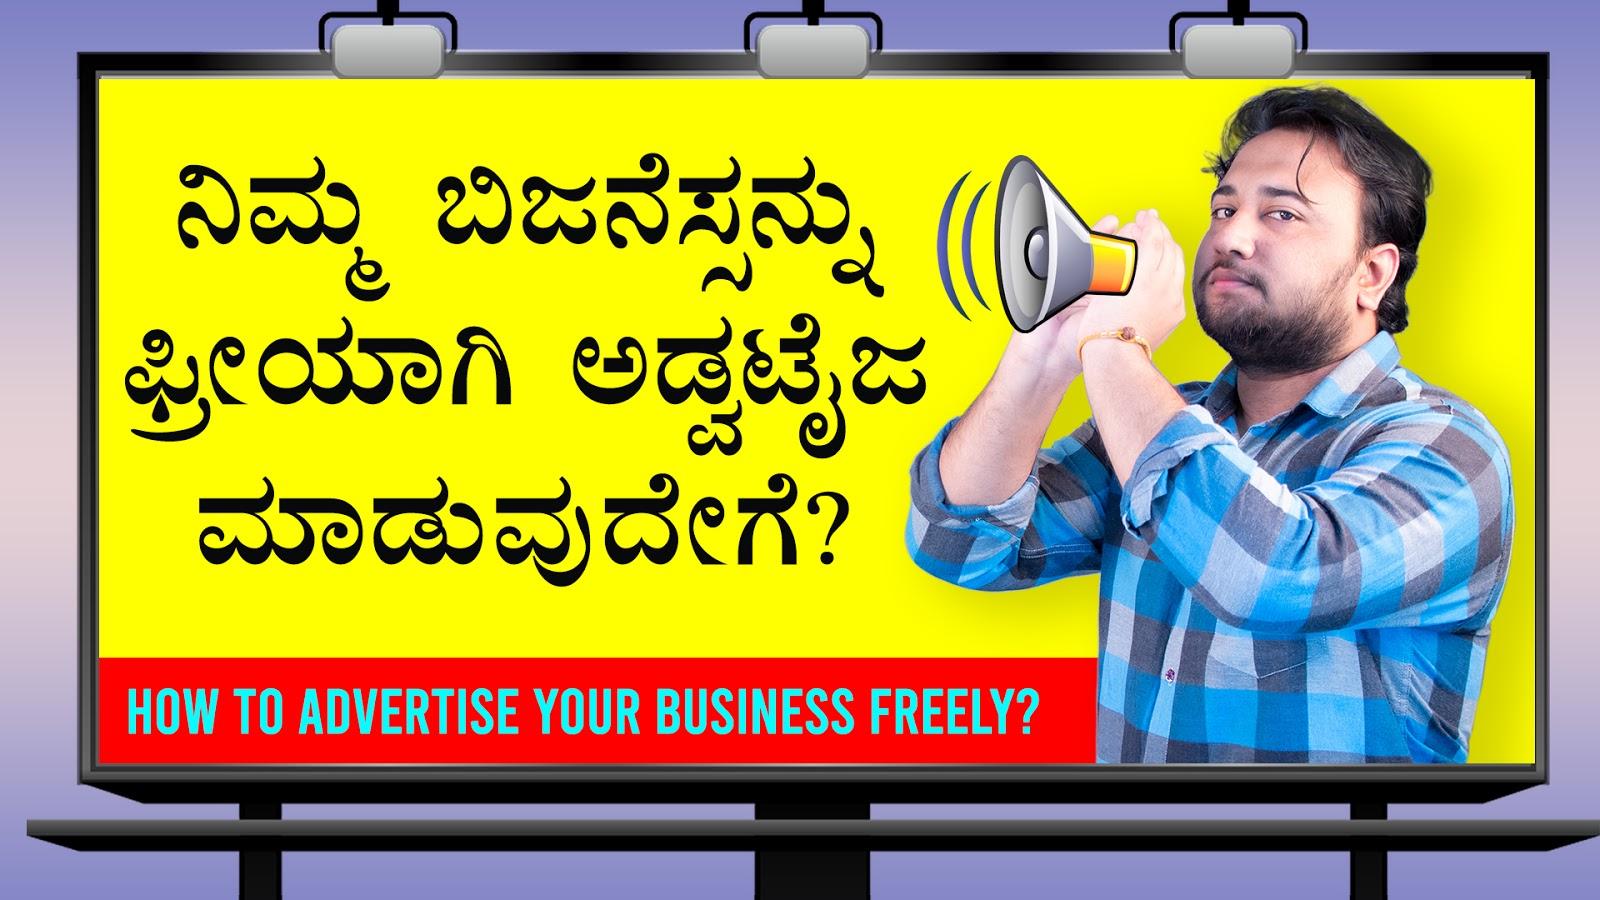 ನಿಮ್ಮ ಬಿಜನೆಸ್ಸನ್ನು ಫ್ರೀಯಾಗಿ ಅಡ್ವಟೈಜ ಮಾಡುವುದೇಗೆ? How to Advertise Your Business Freely?